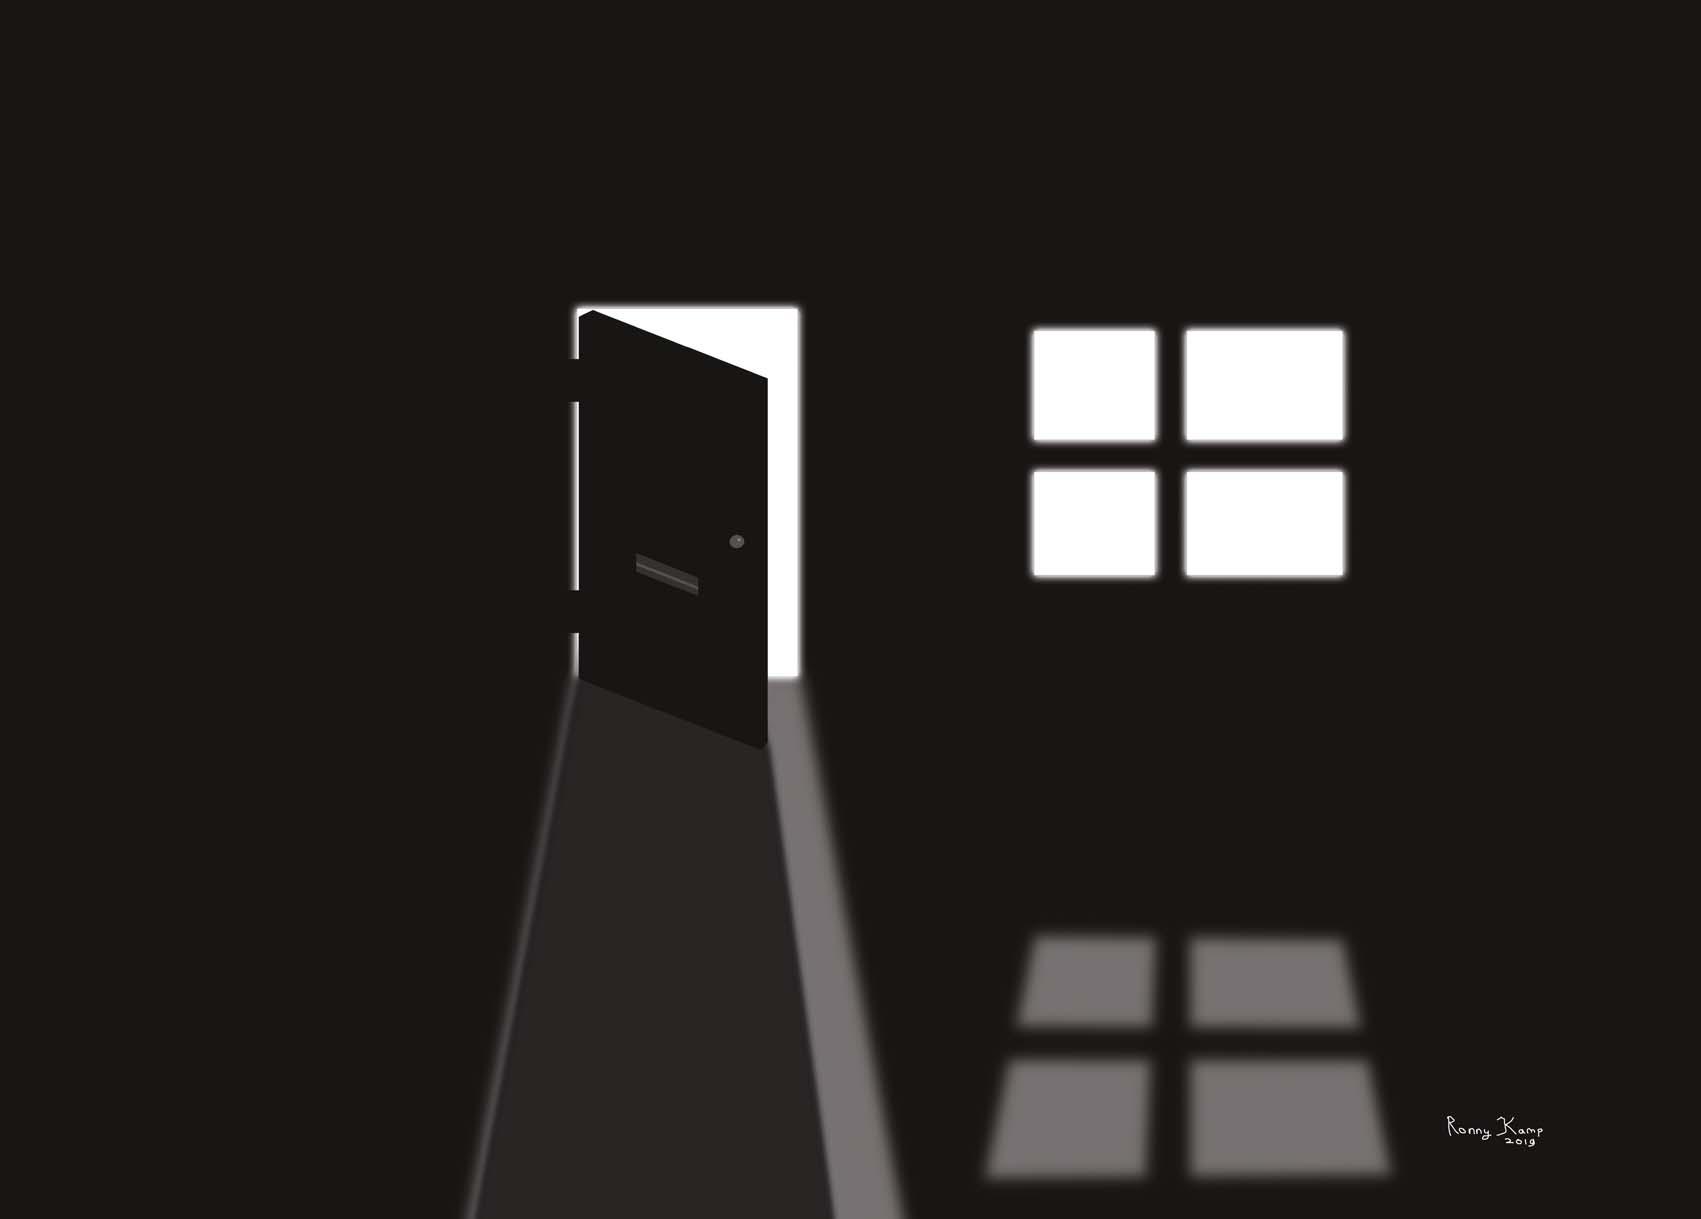 lege kamer in zwart-wit